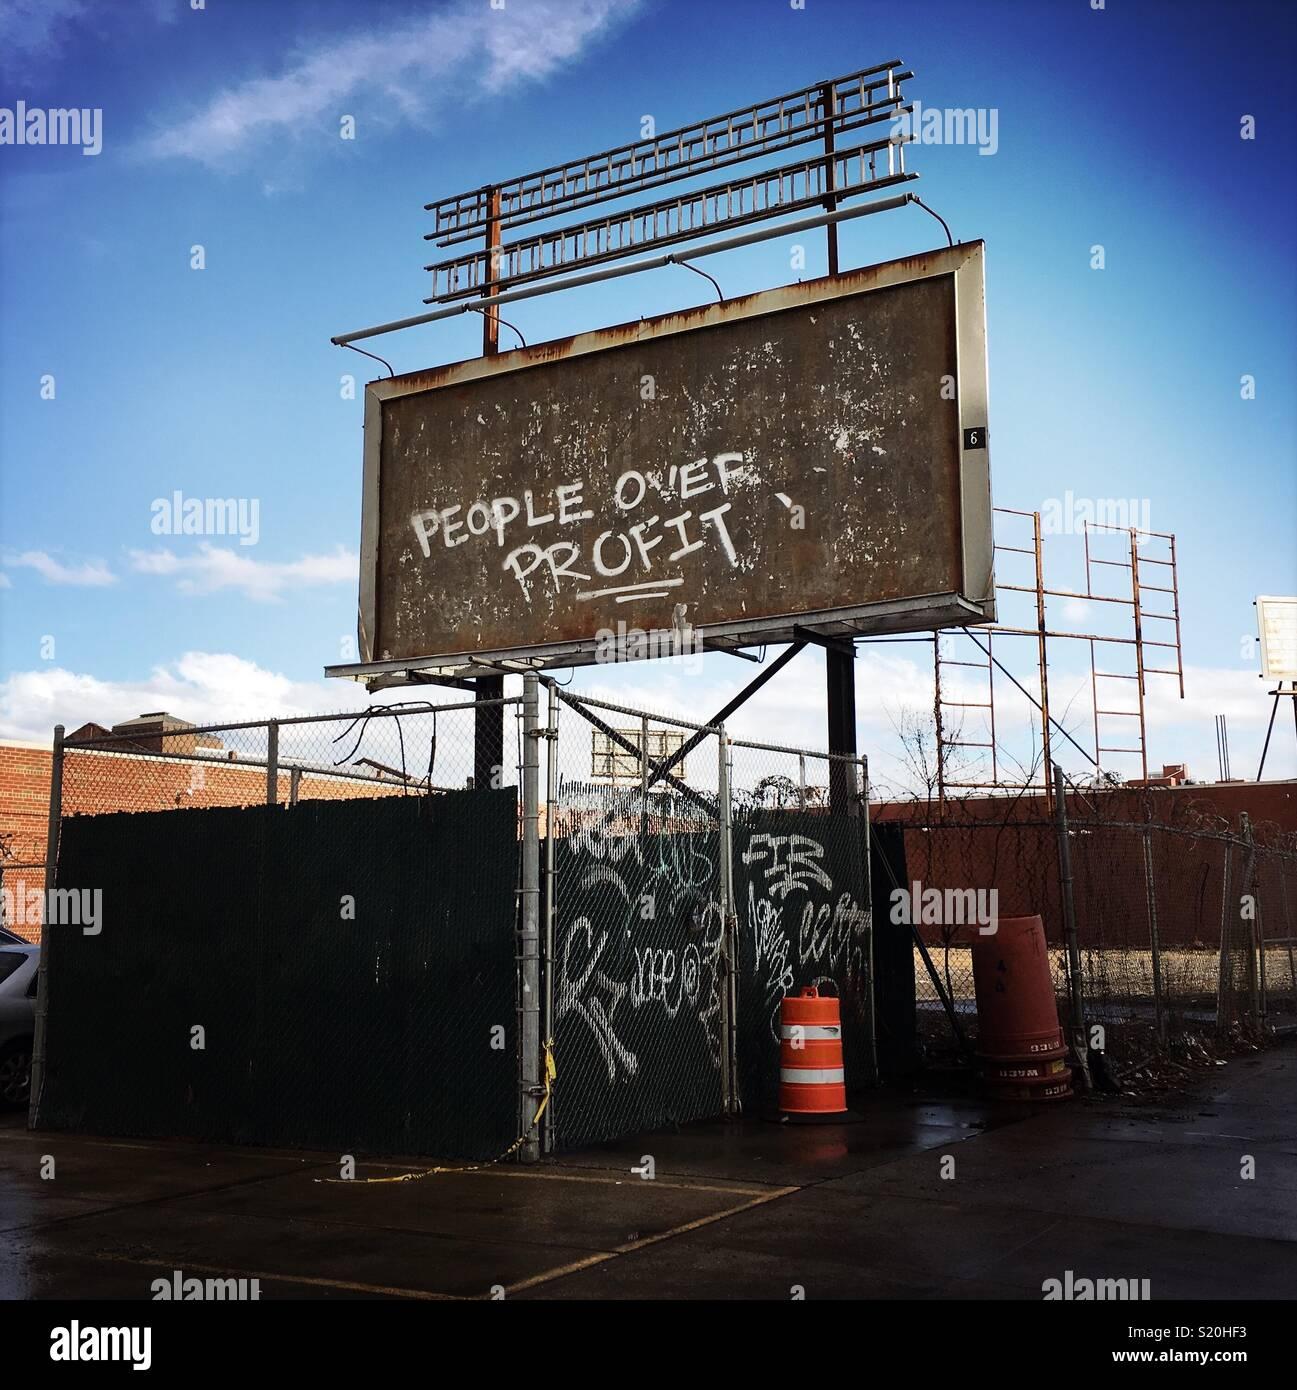 Messaggio politico scritto su billboard Immagini Stock